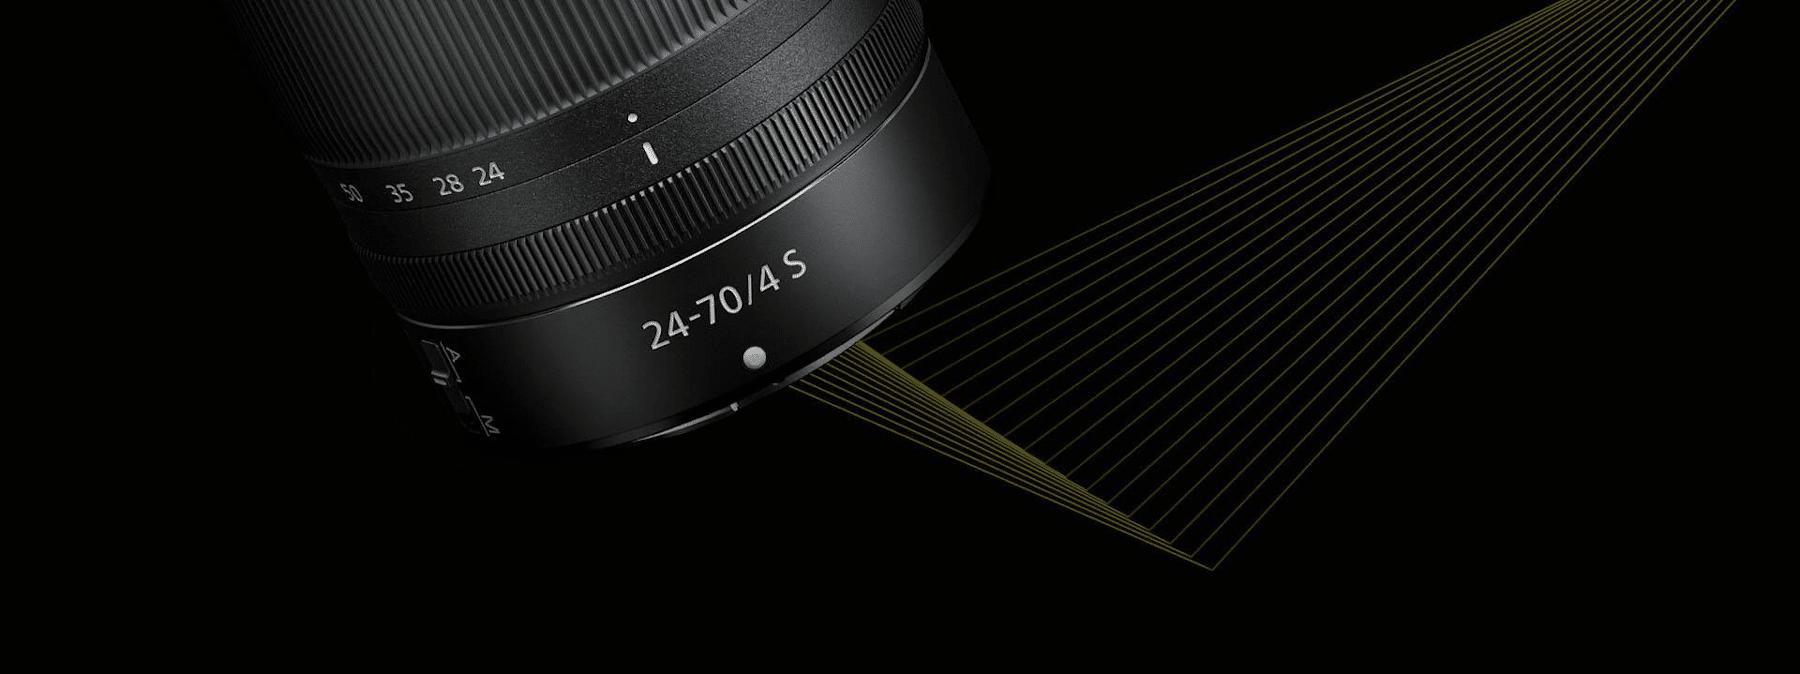 nikon nikkor z 24-70mm f4, obiektyw nikkor 27-70mm, obiektyw zmiennoogniskowy, obiektyw nikkor z 24-70mm, 018208200726